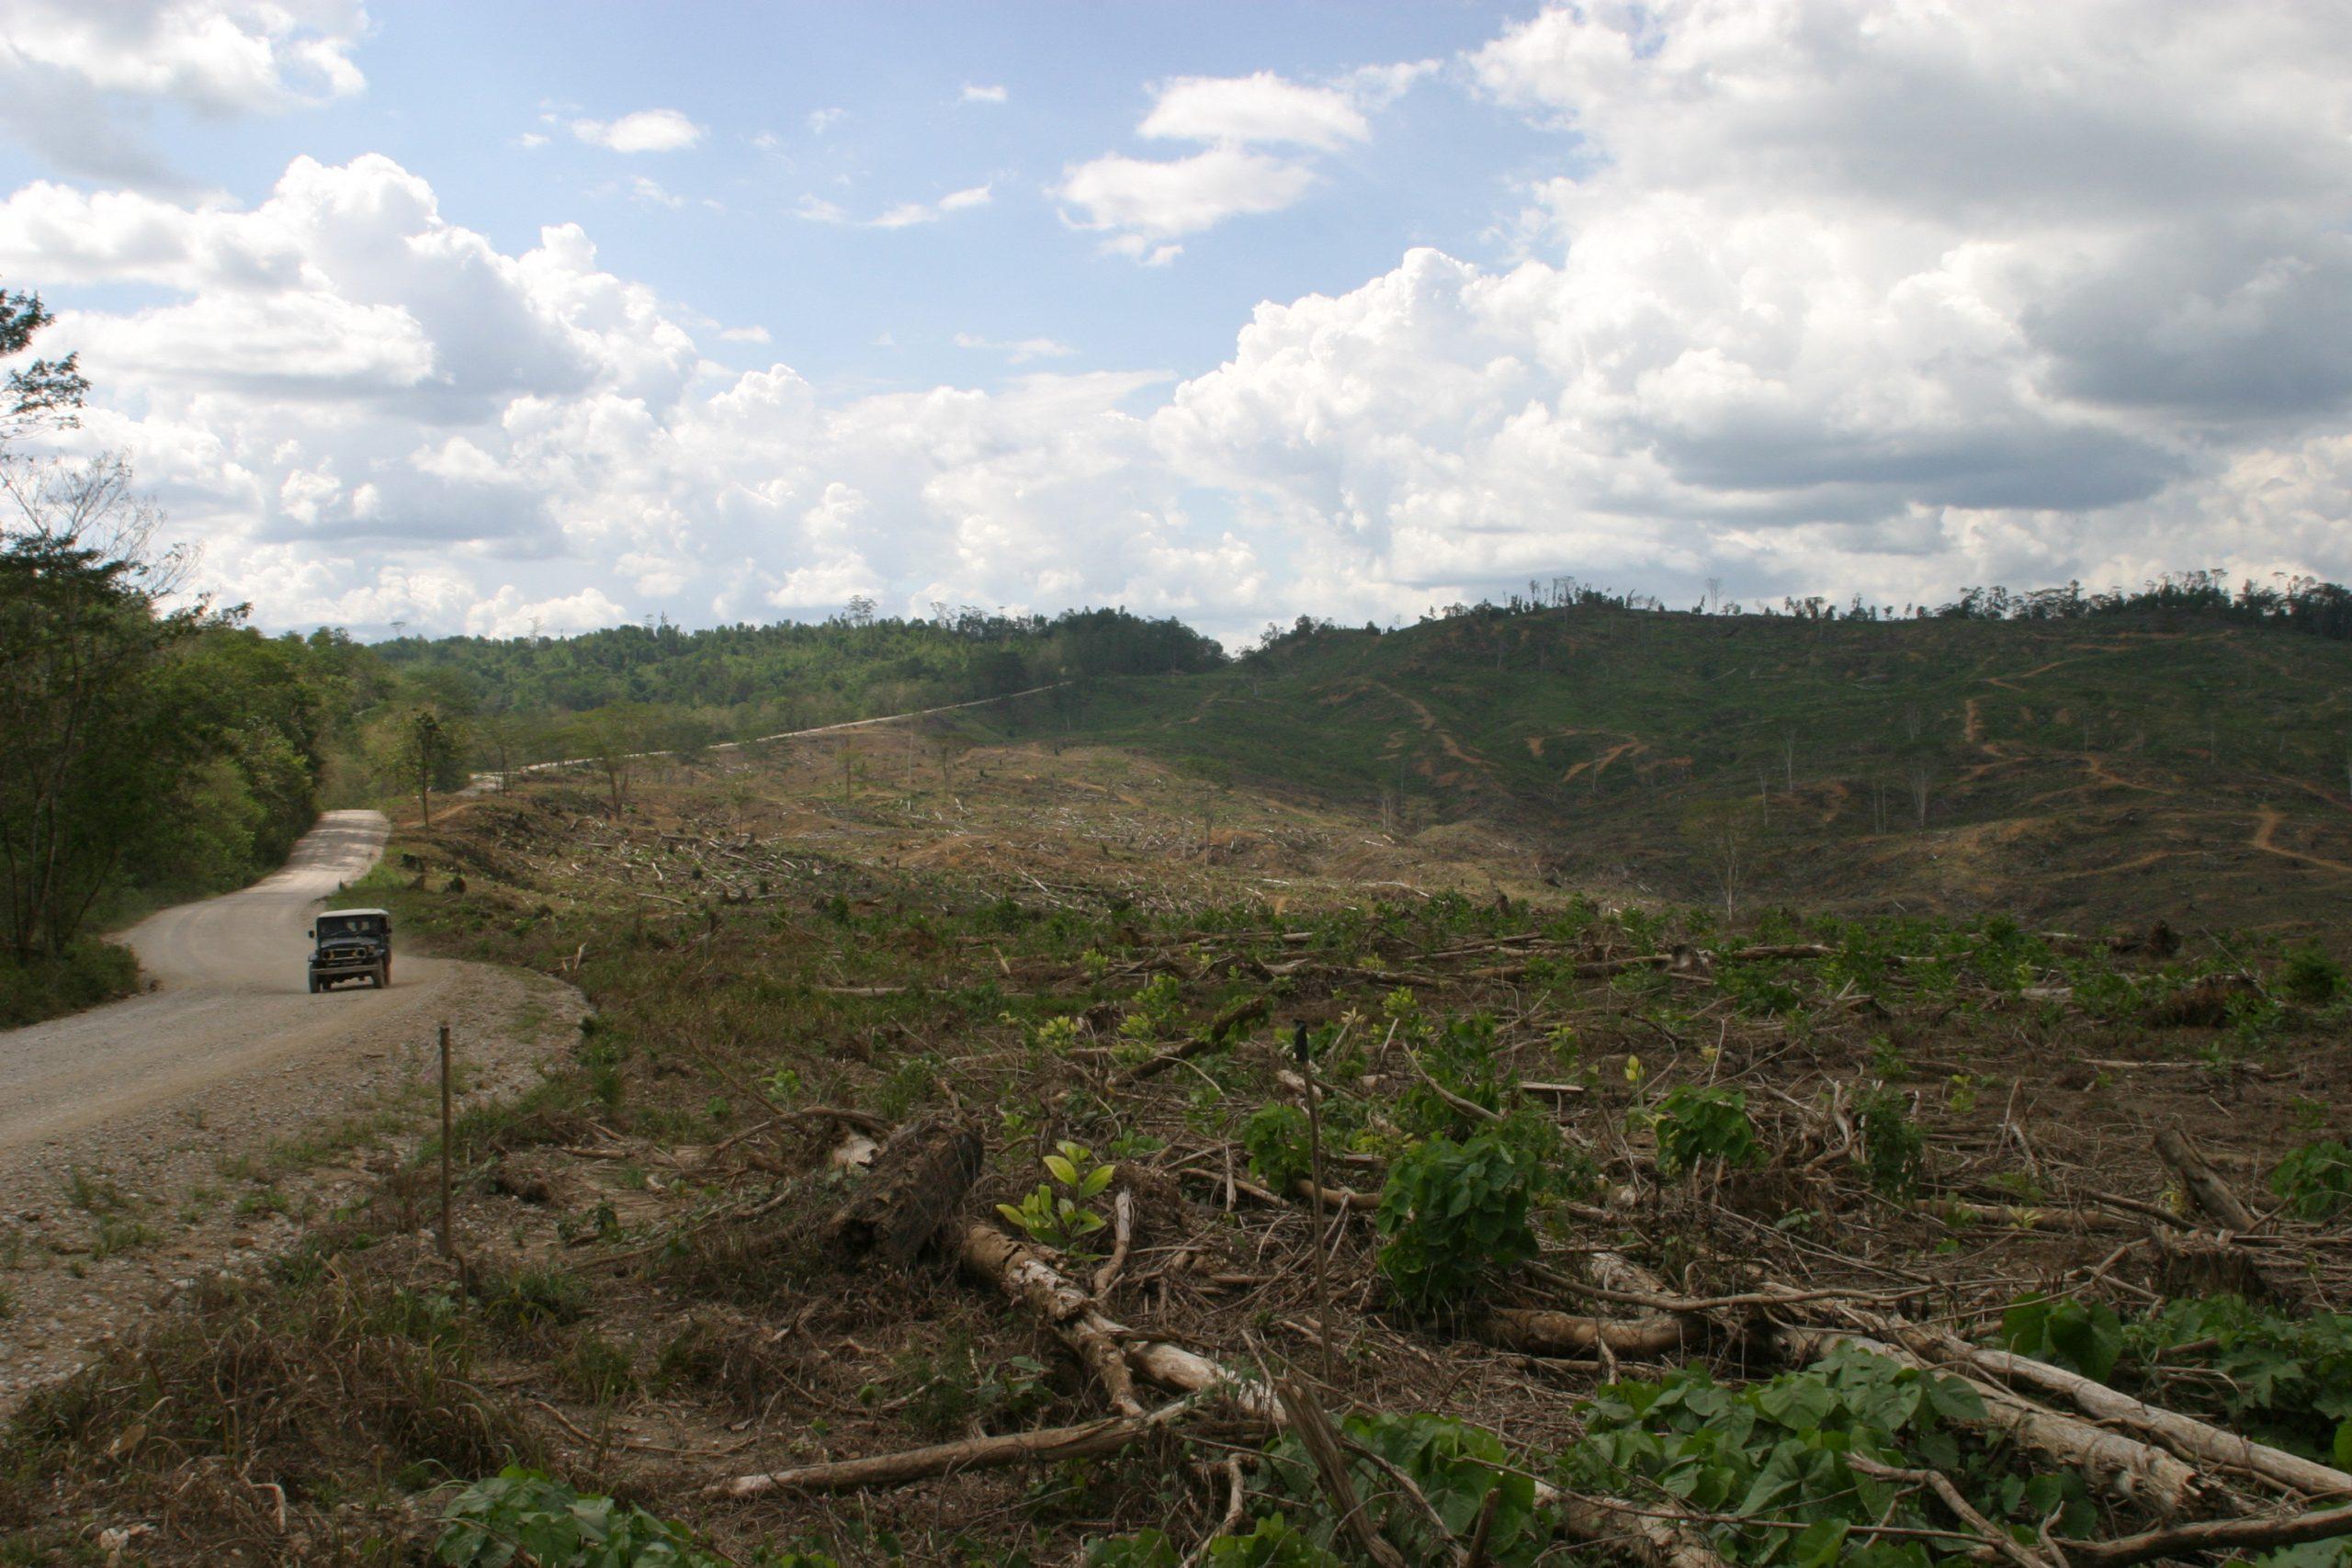 Straßenbau und Regenwaldzerstörung in Indonesien (Borneo)